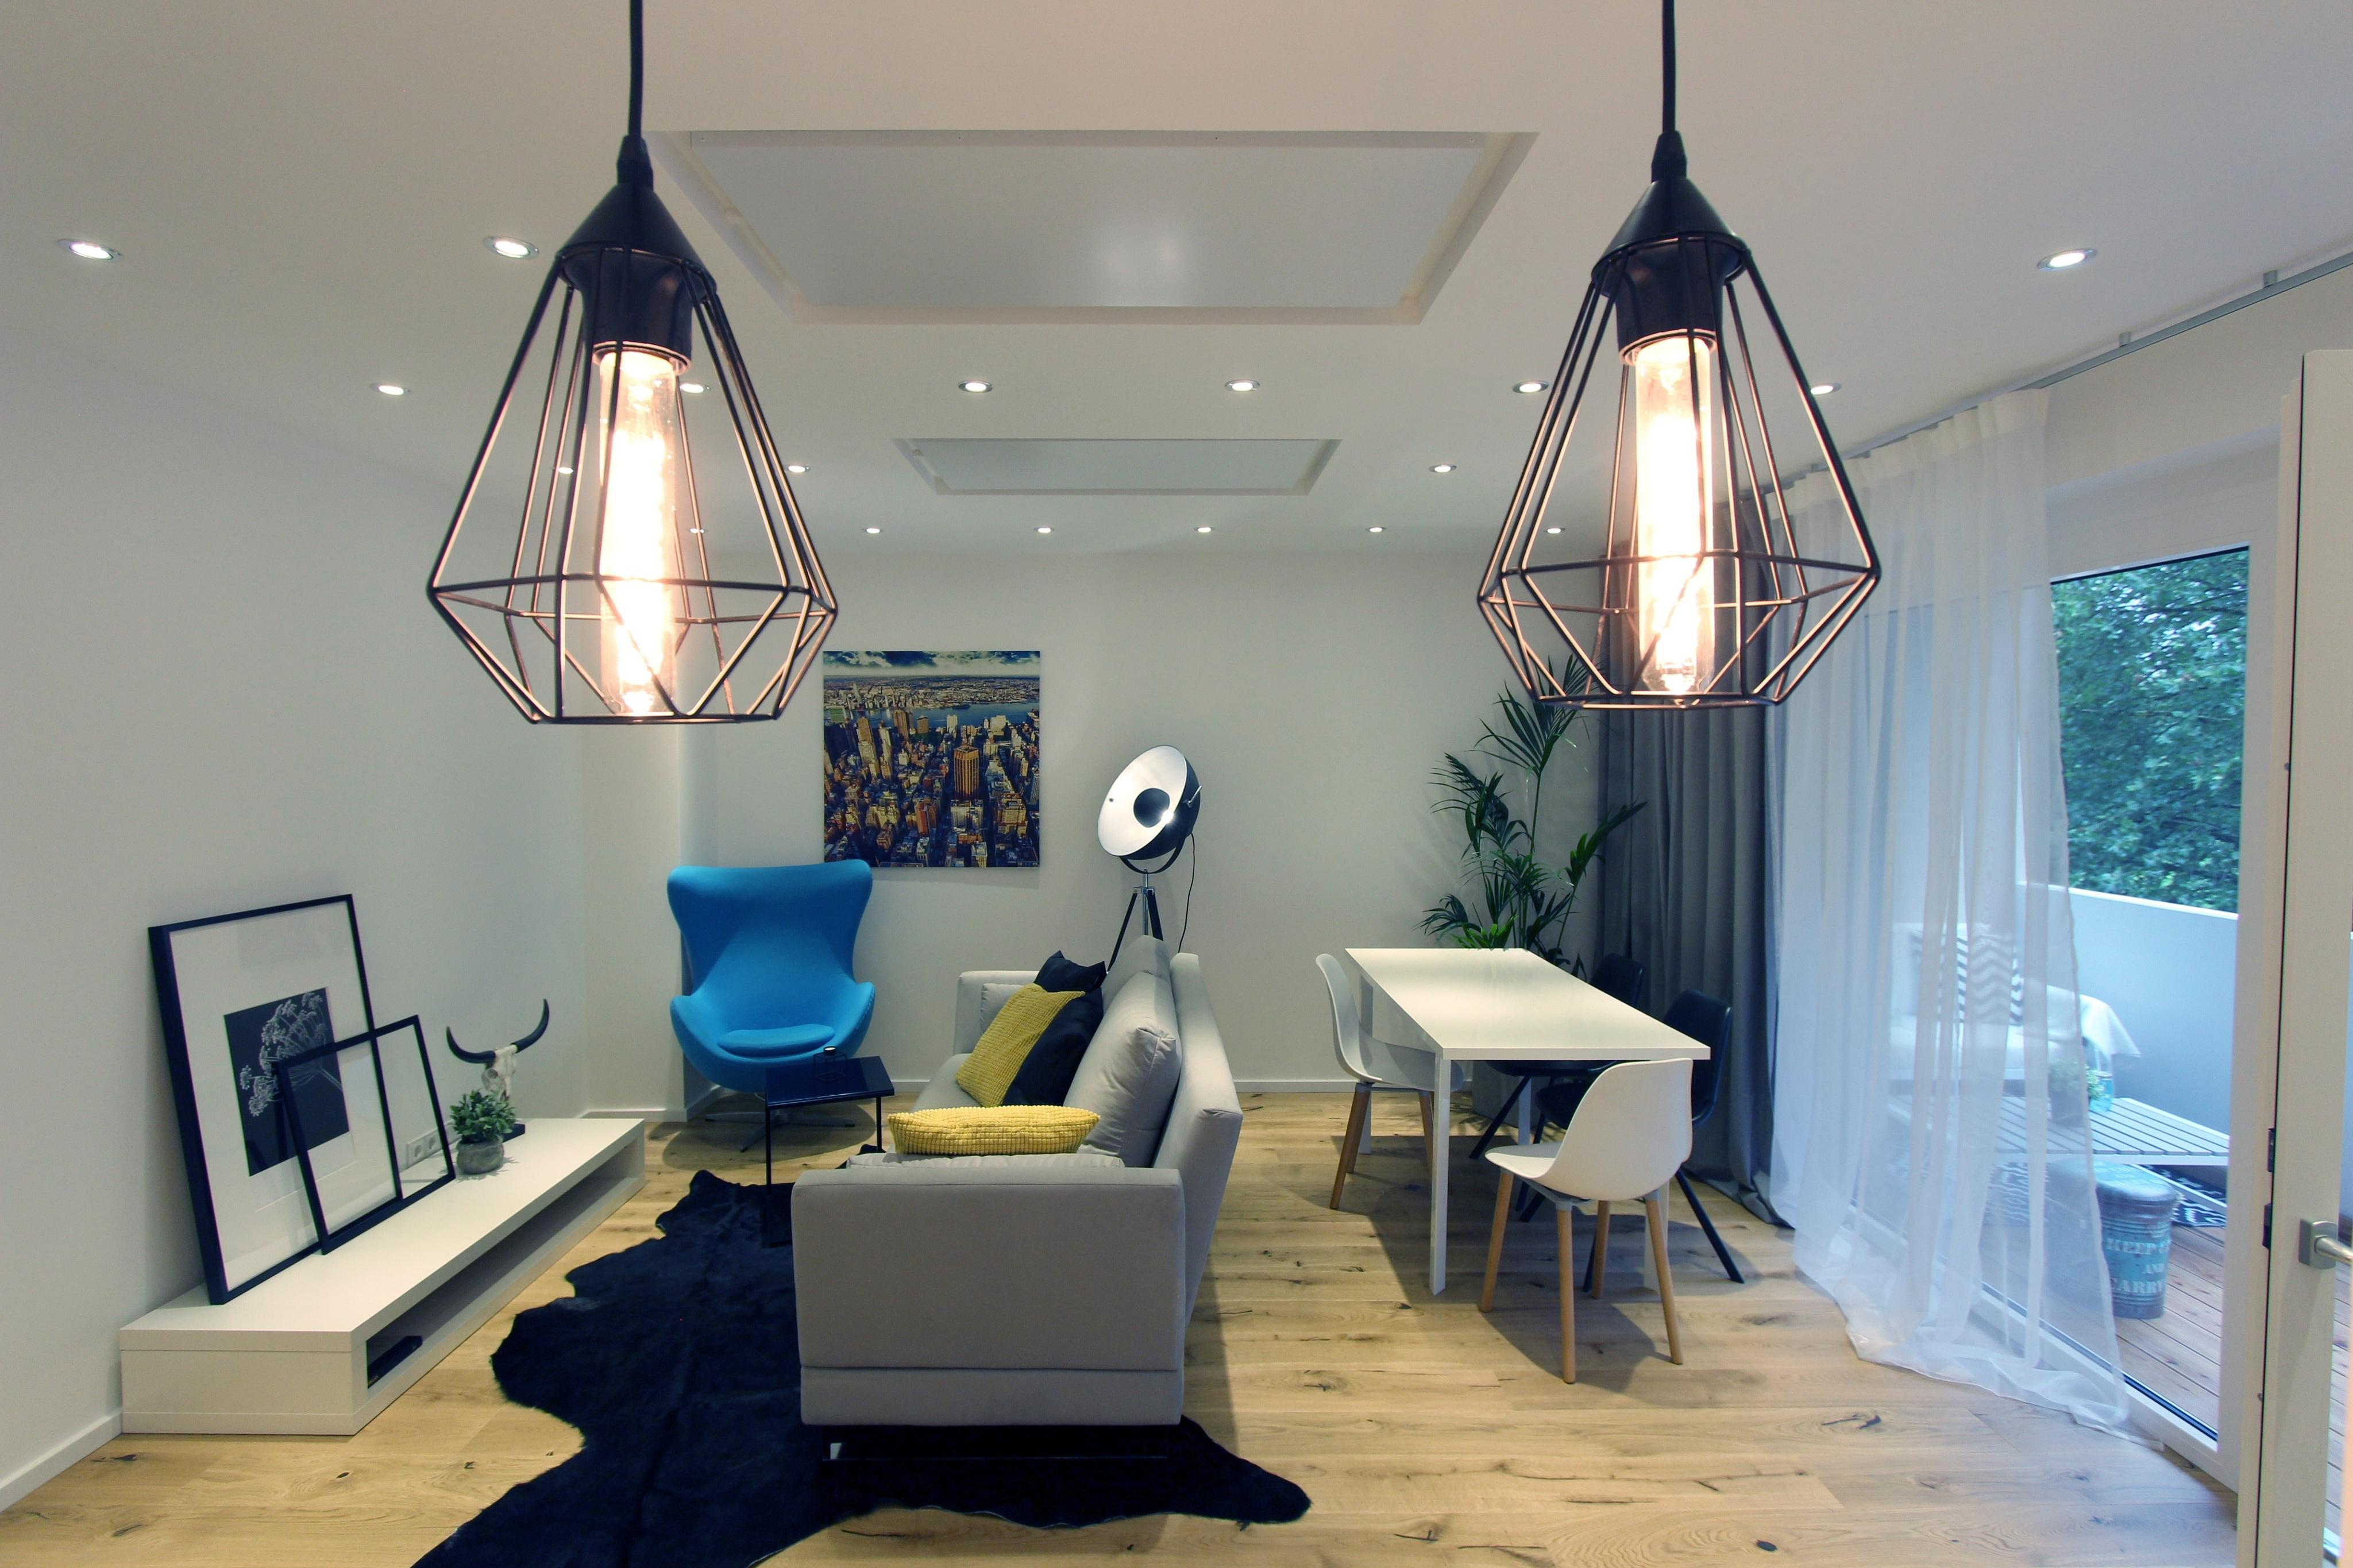 Ebenerdige dusche bilder ideen couchstyle for Raumgestaltung engel